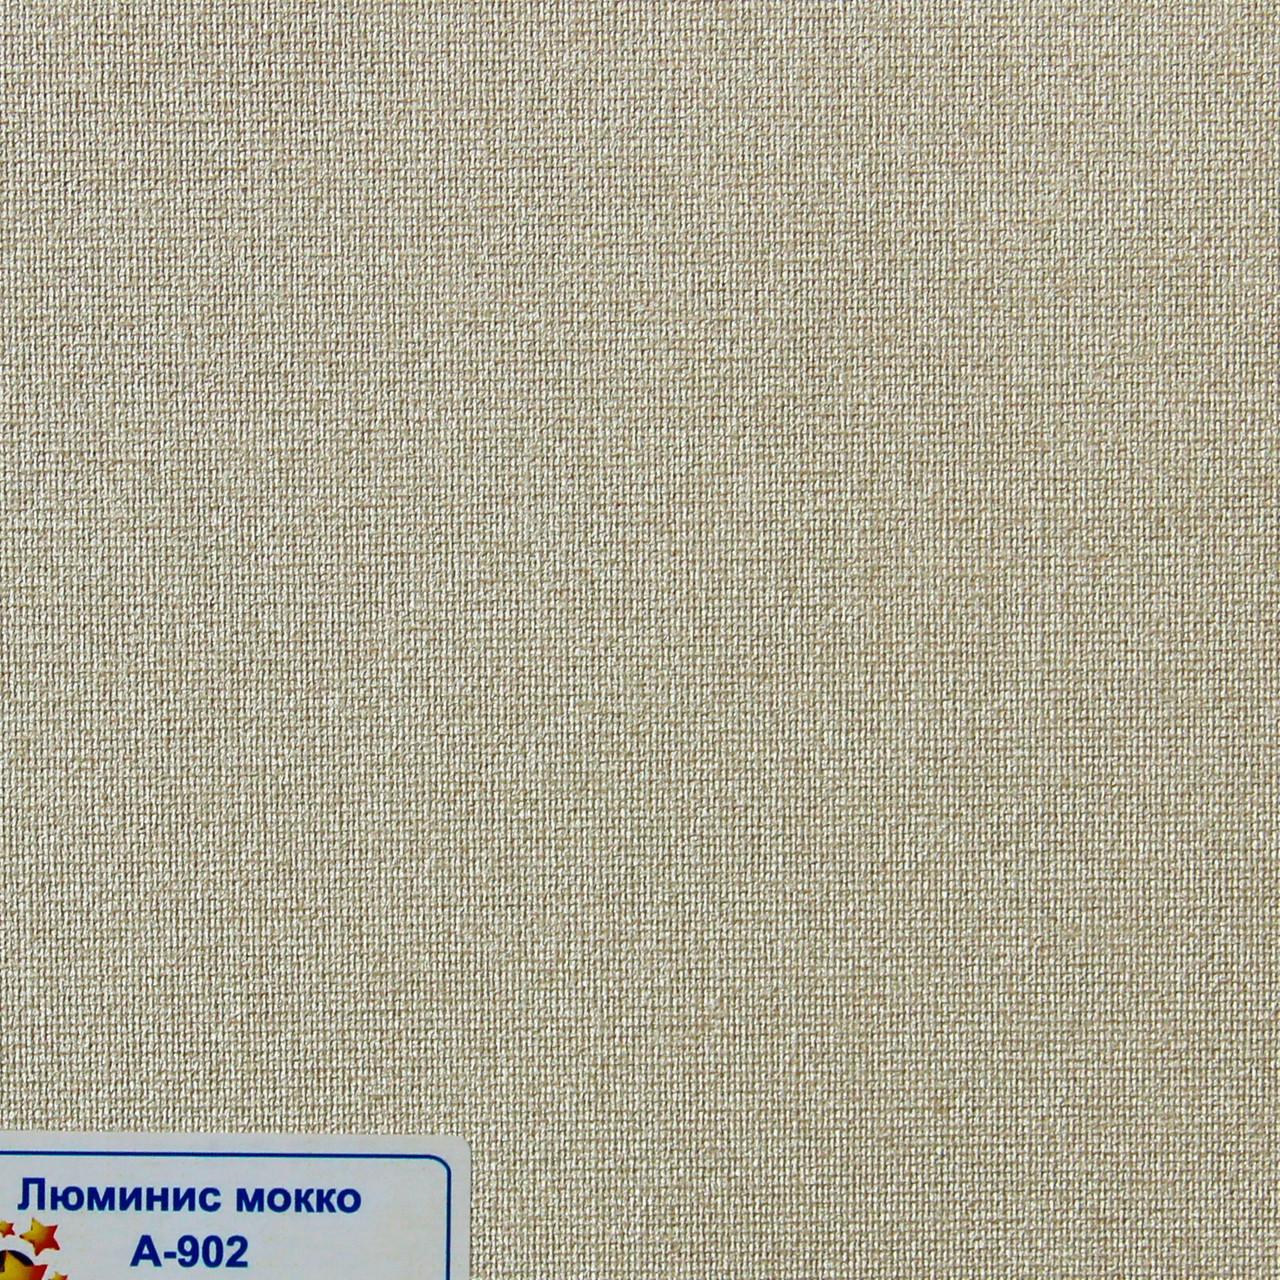 Рулонные шторы Одесса Ткань Люминис Мокко А-902